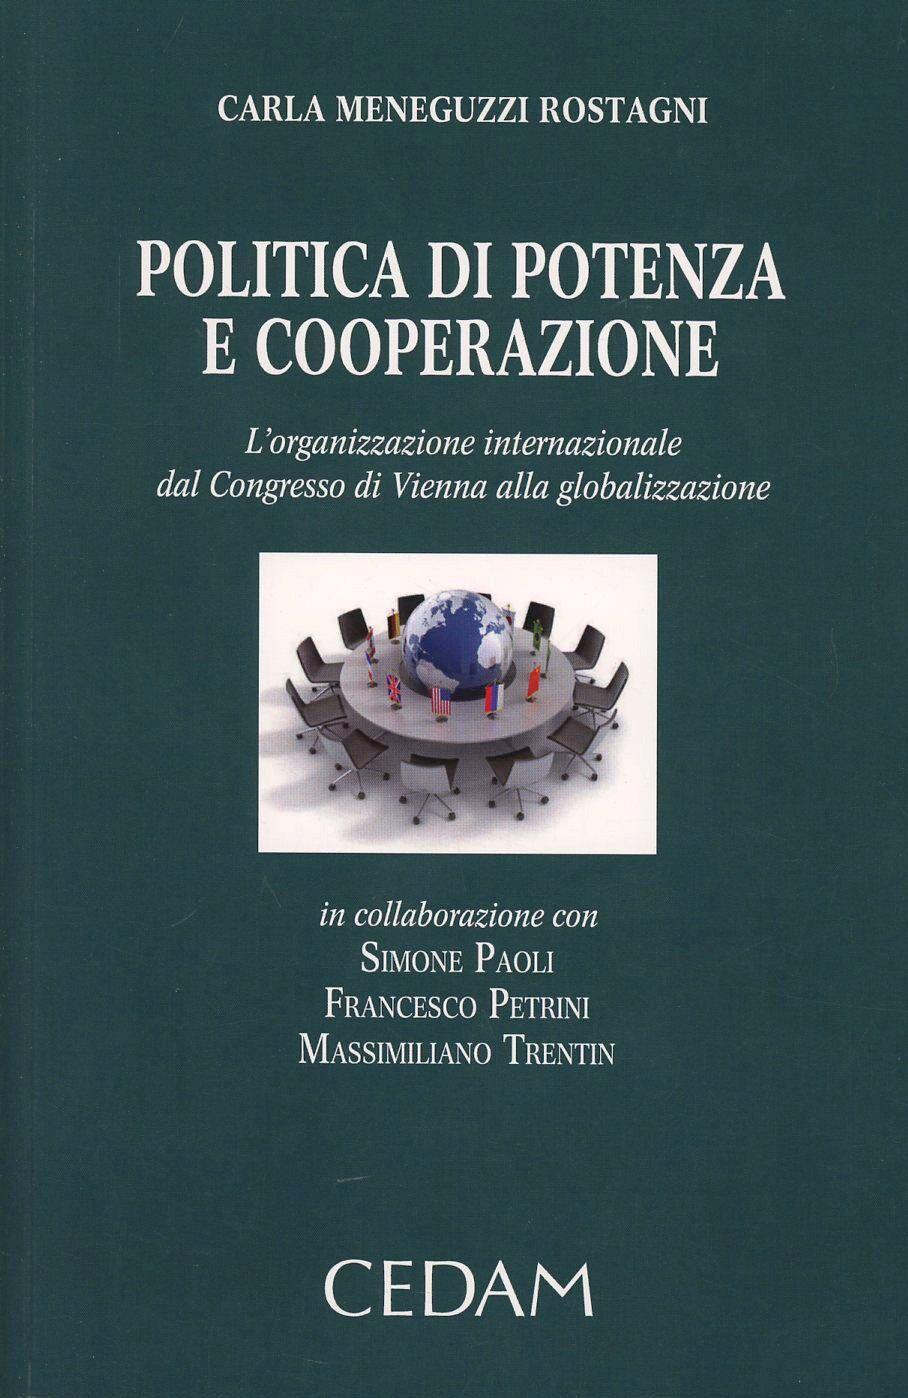 Politica di potenza e cooperazione. L'organizzazione internazionale dal Congresso di Vienna alla globalizzazione